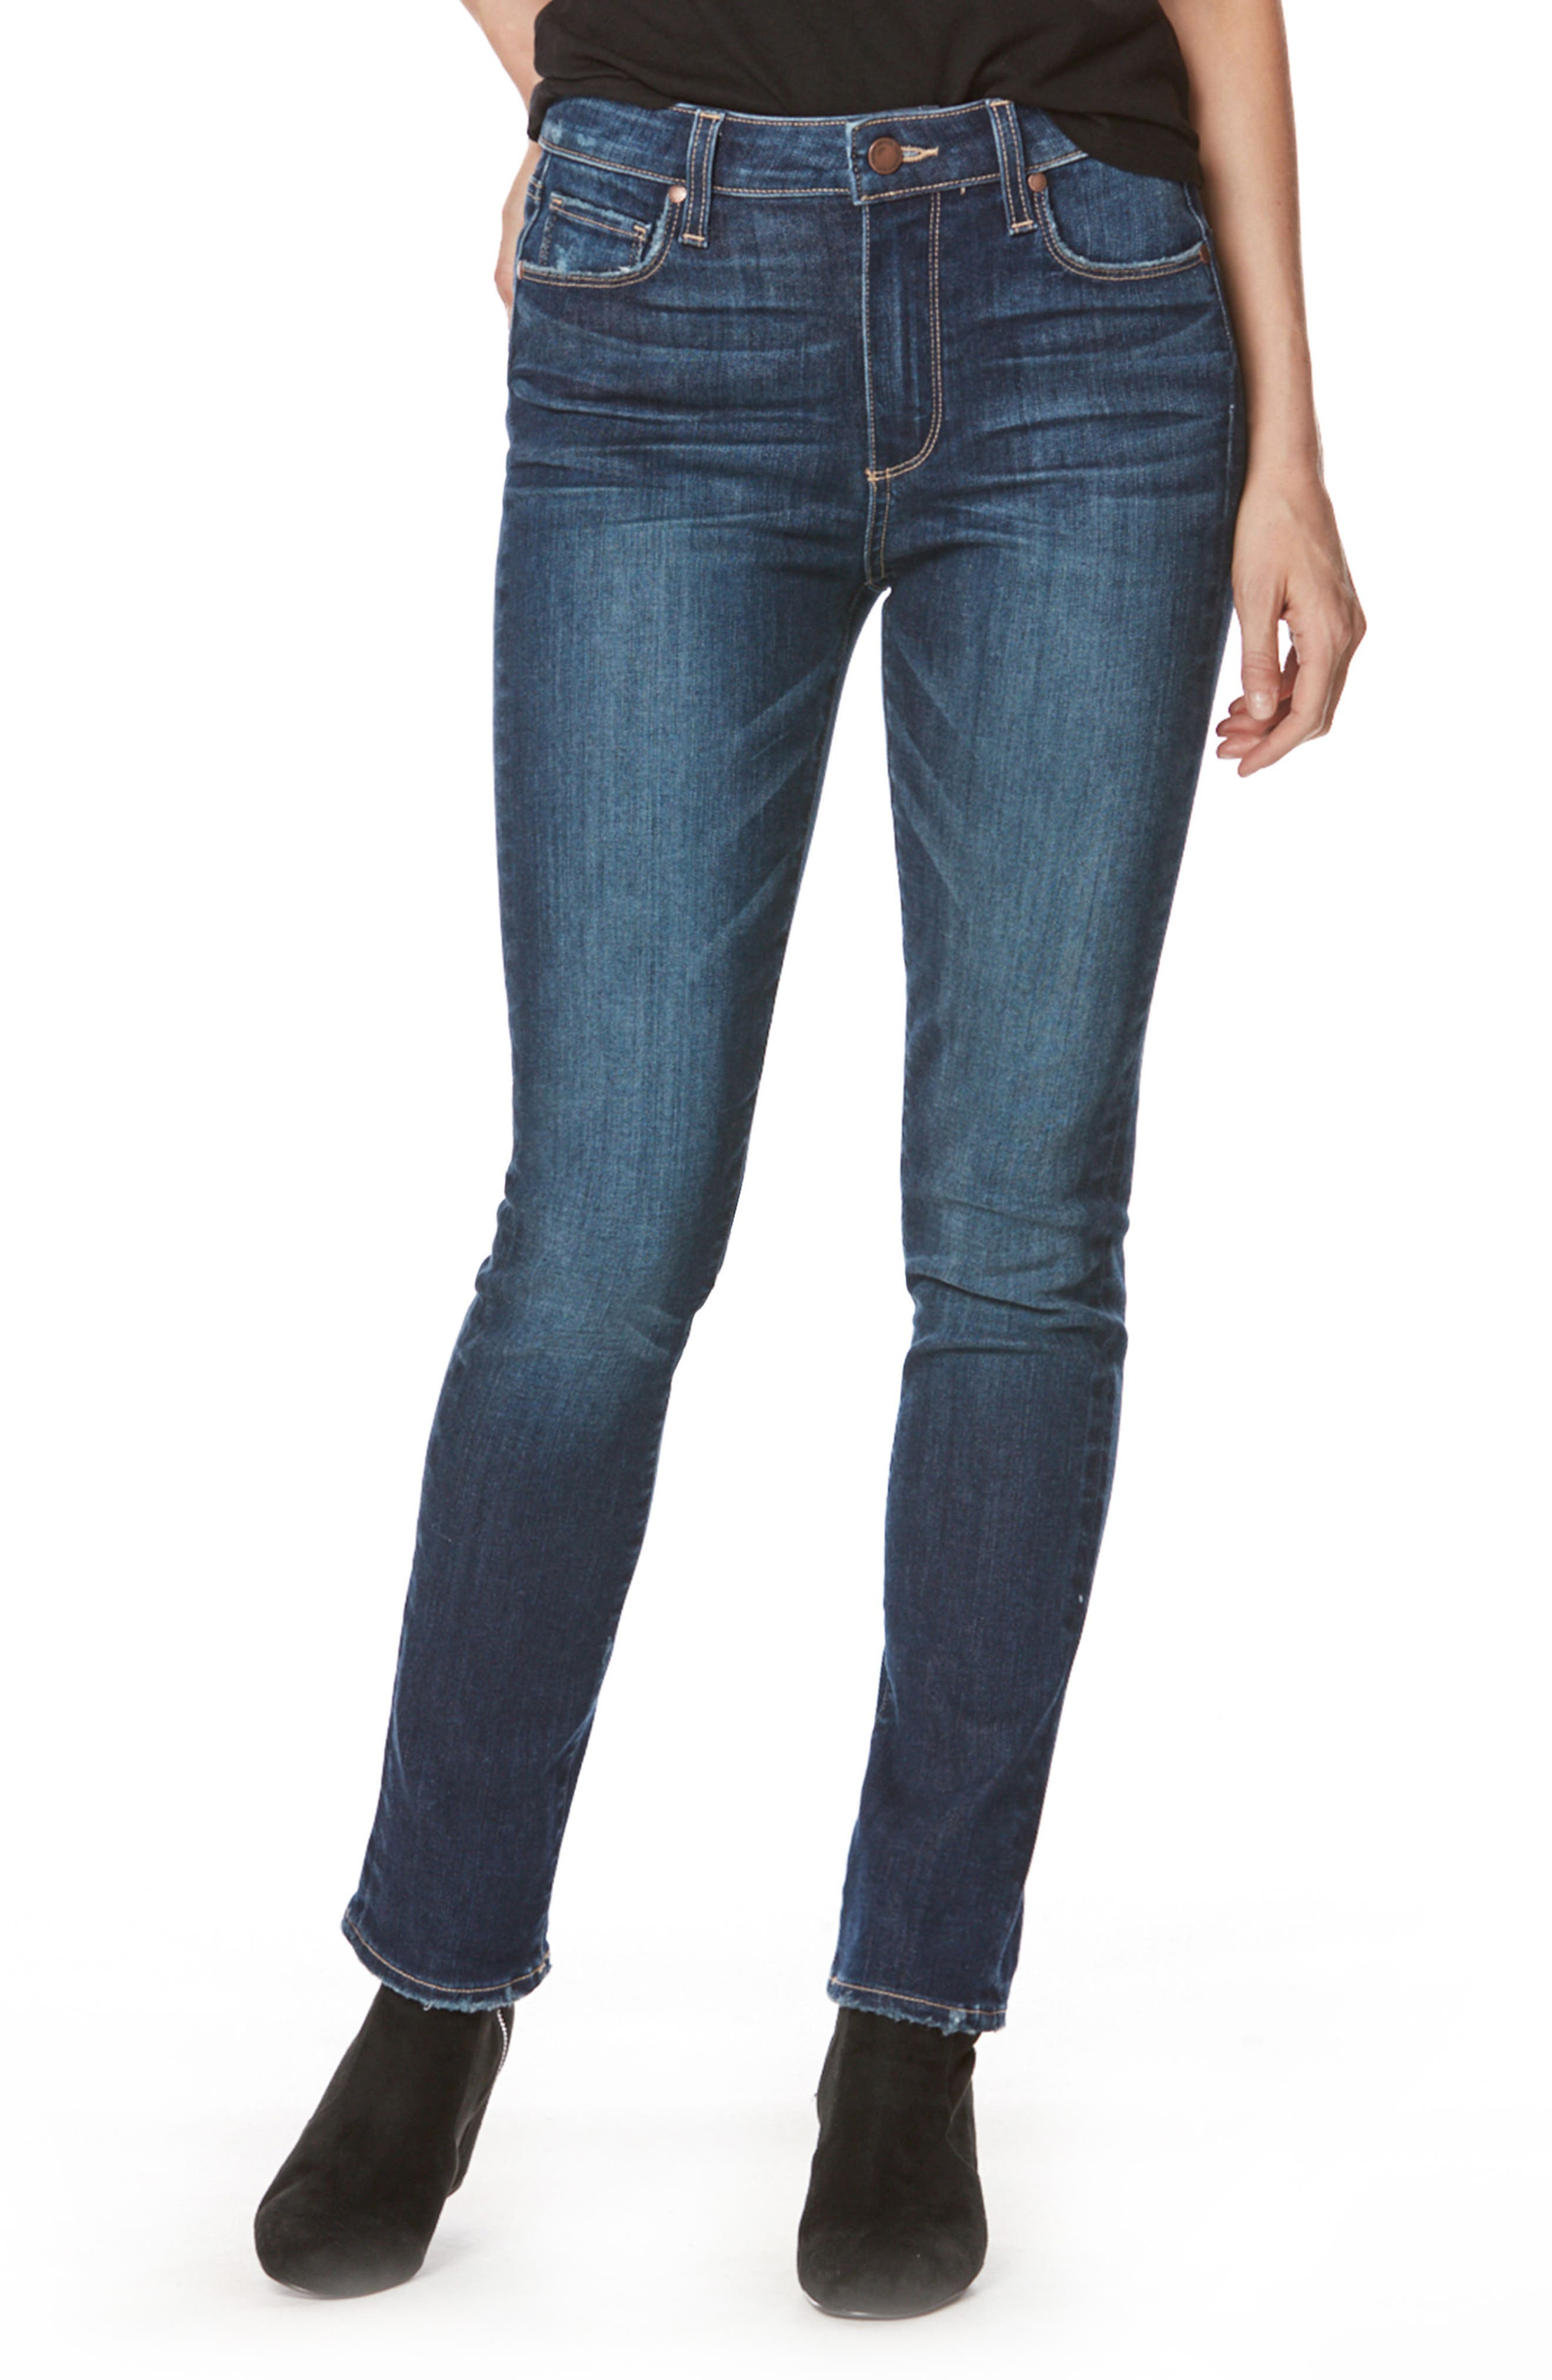 PAIGE Transcend Vintage - Hoxton High Waist Peg Jeans (Beam)